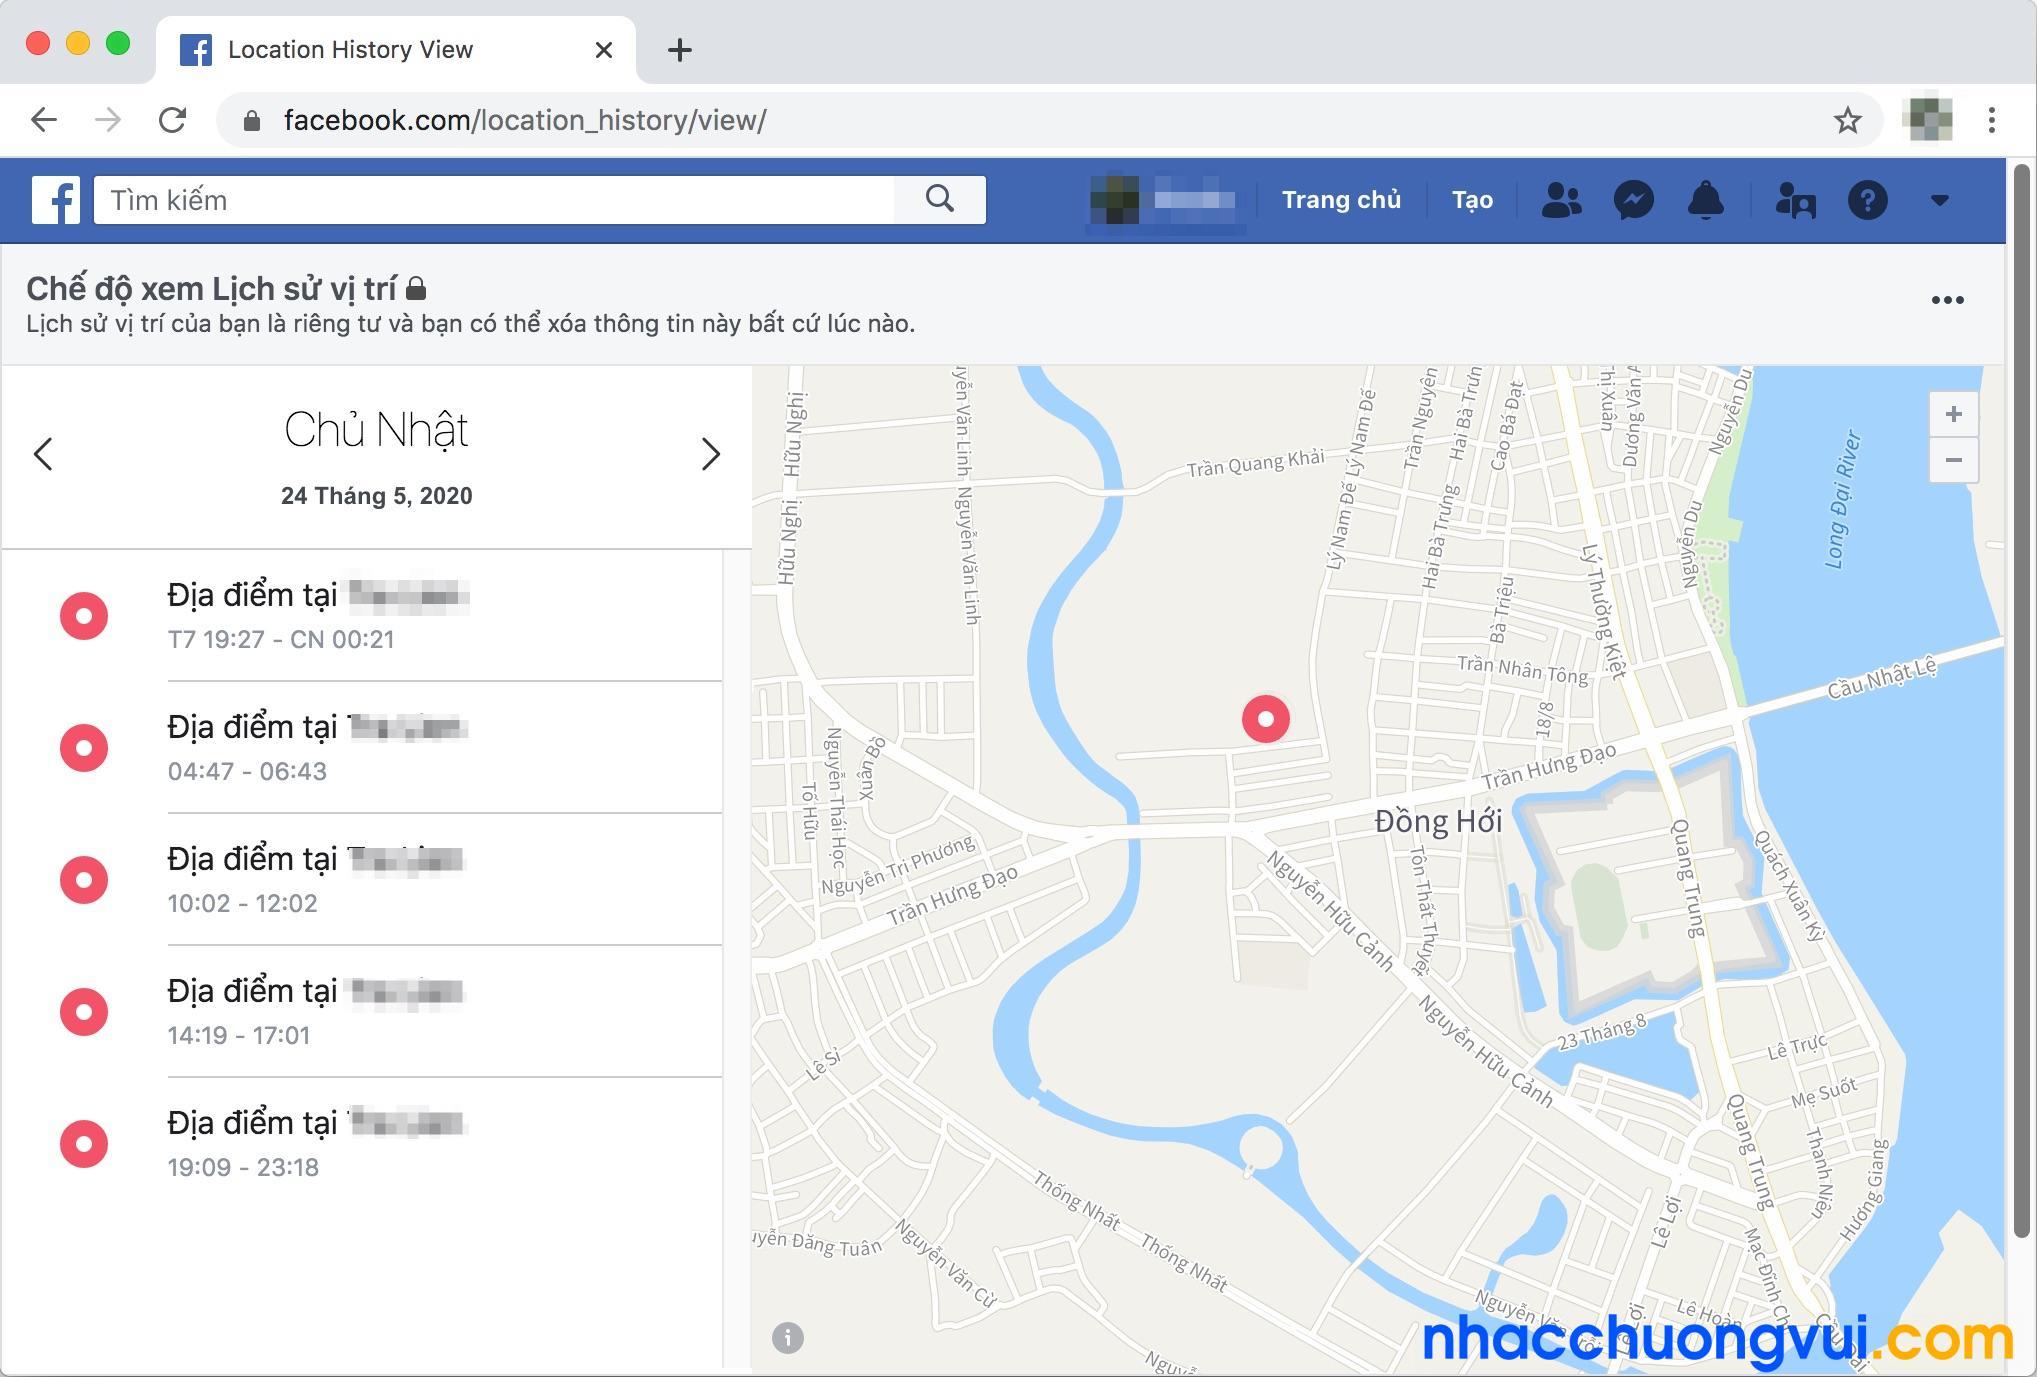 Cách theo dõi vị trí của người khác qua Facebook bằng máy tính